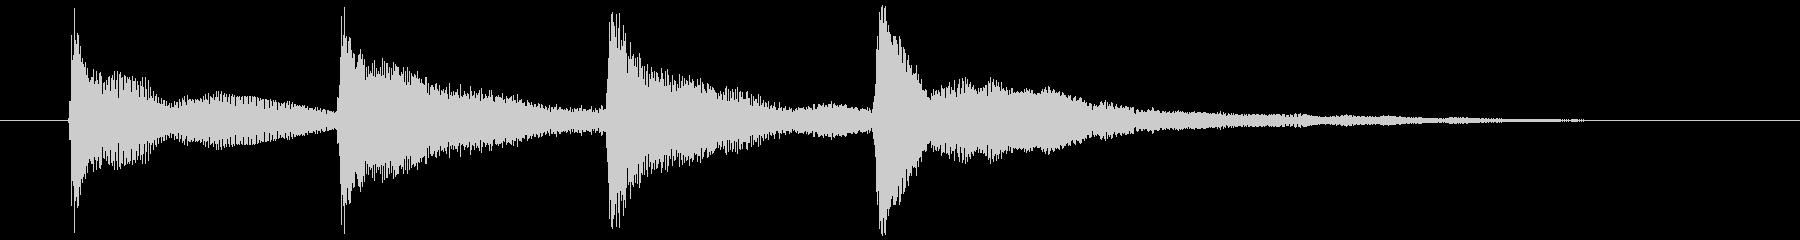 アナウンス上昇速さ普通 モダンなサウンドの未再生の波形